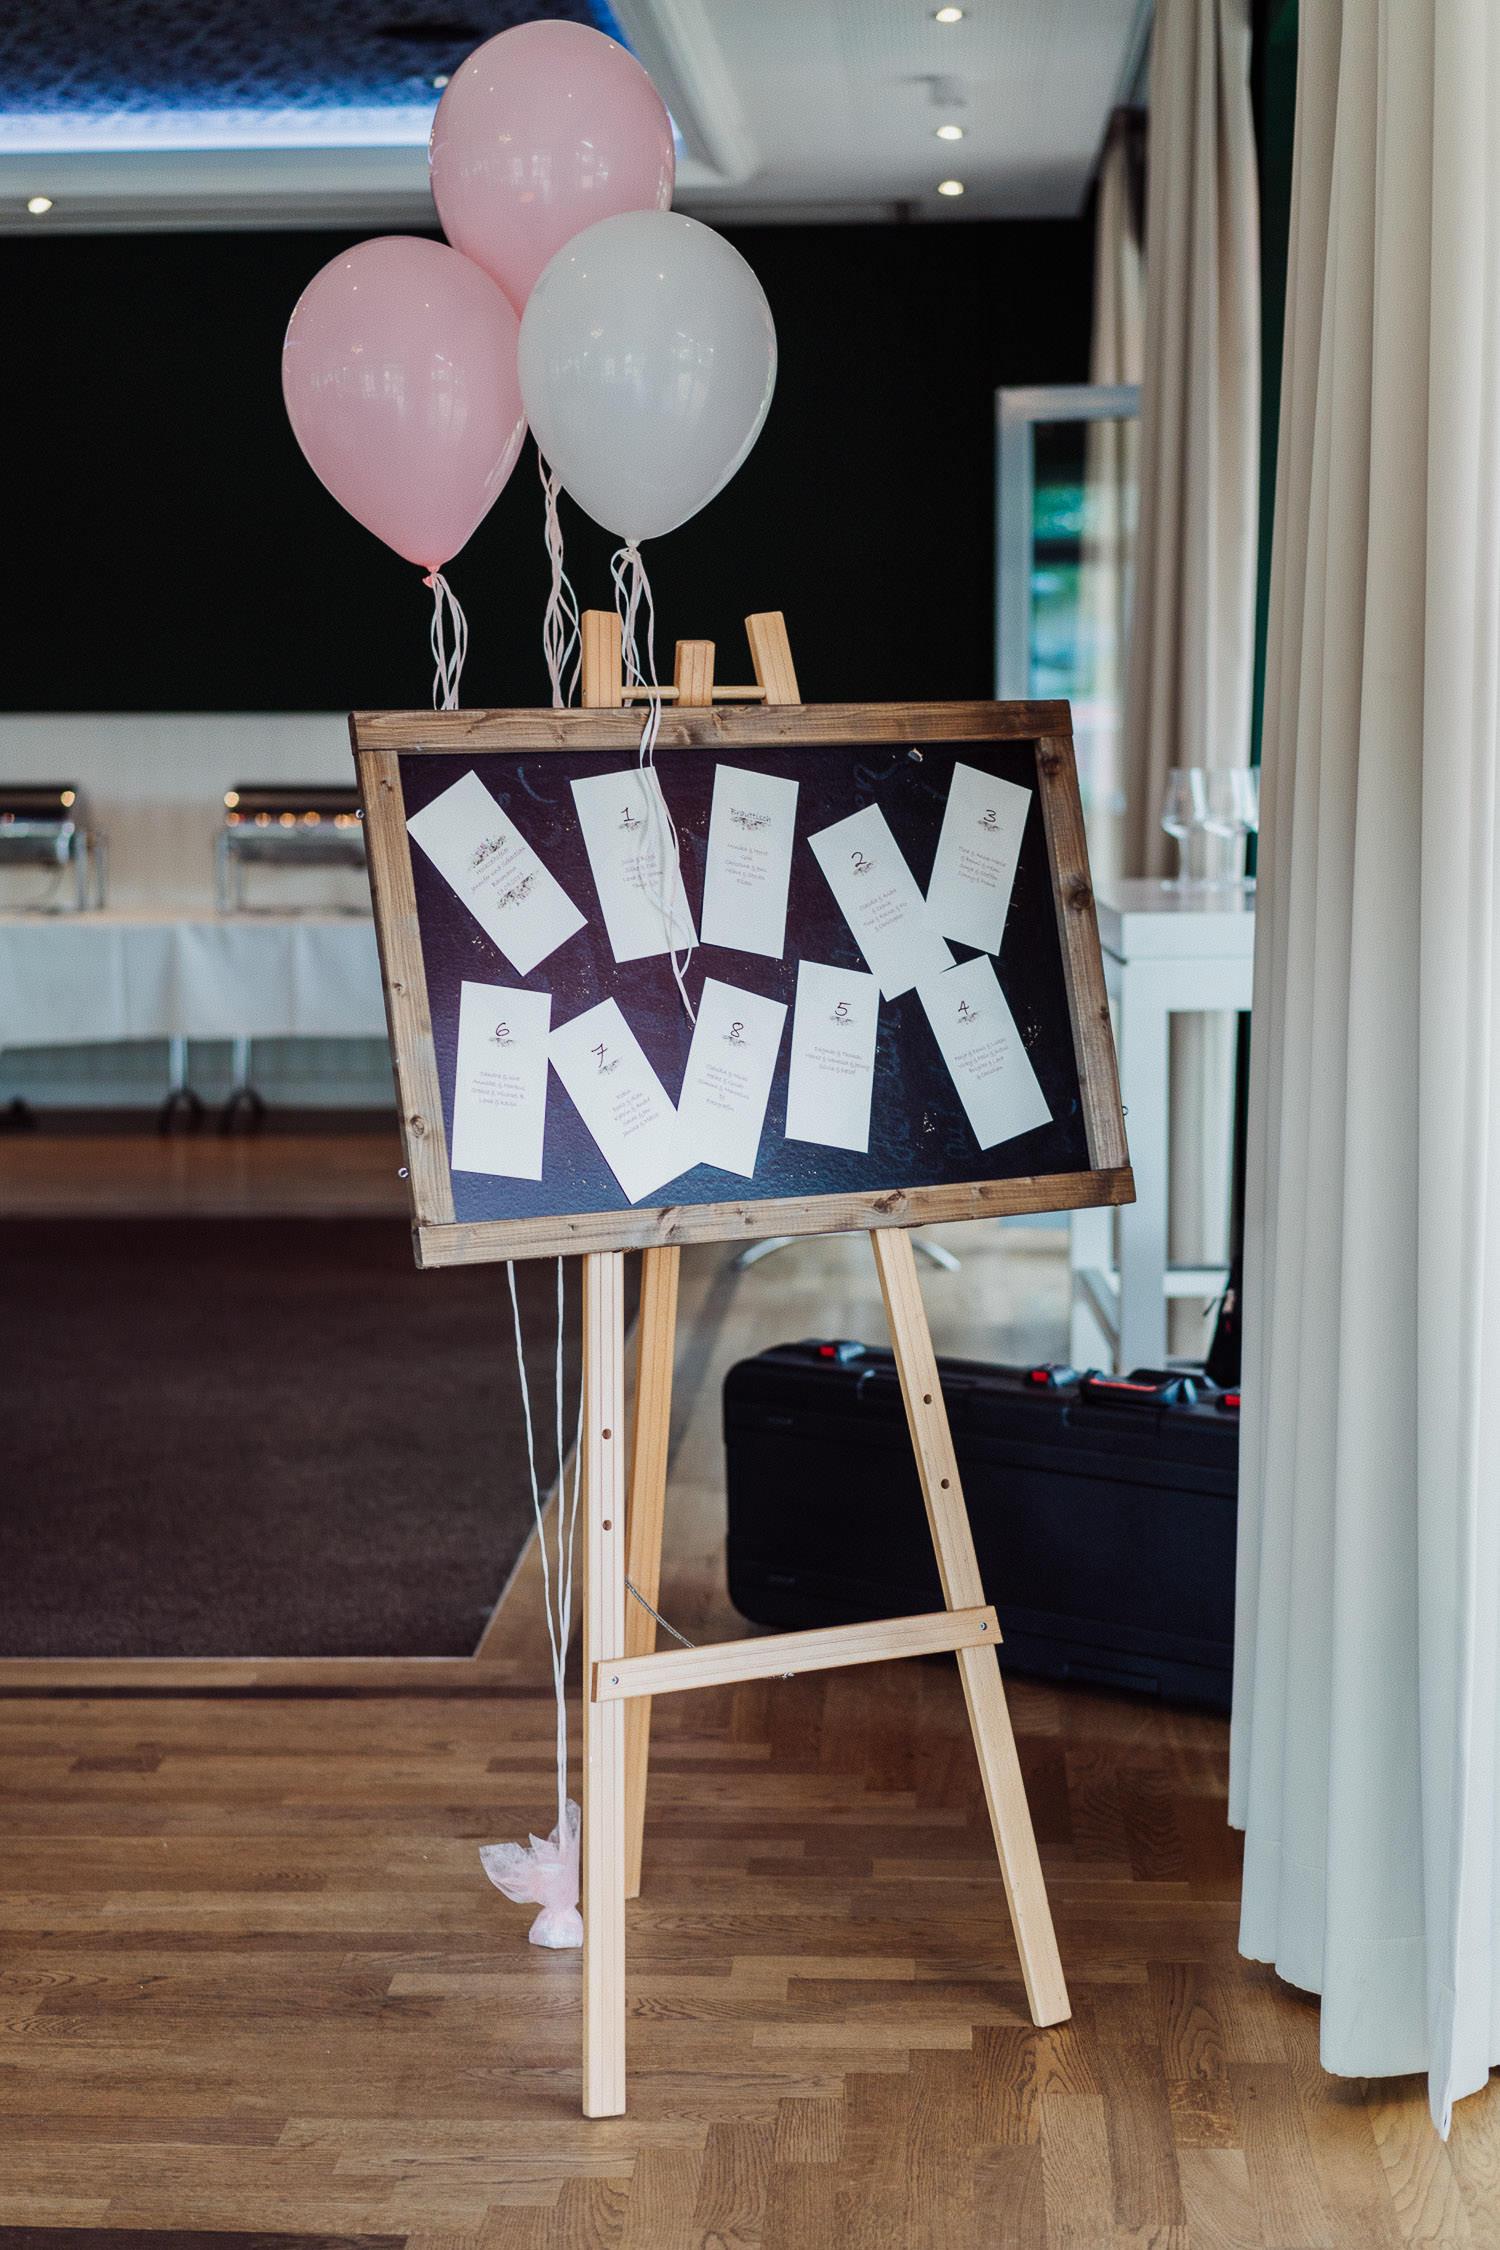 Sitzplan Hochzeit mit Luftballons